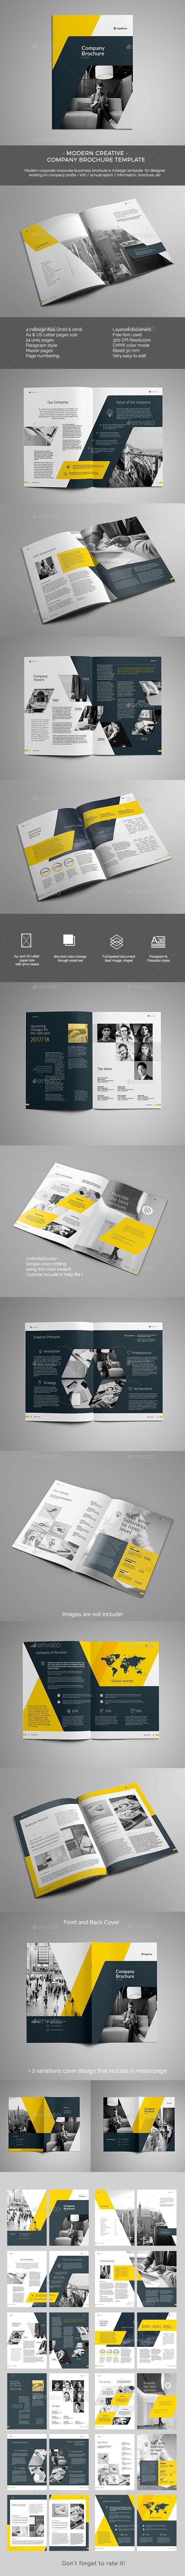 The Brochure | Diseño editorial, Carpetas corporativas y Editorial